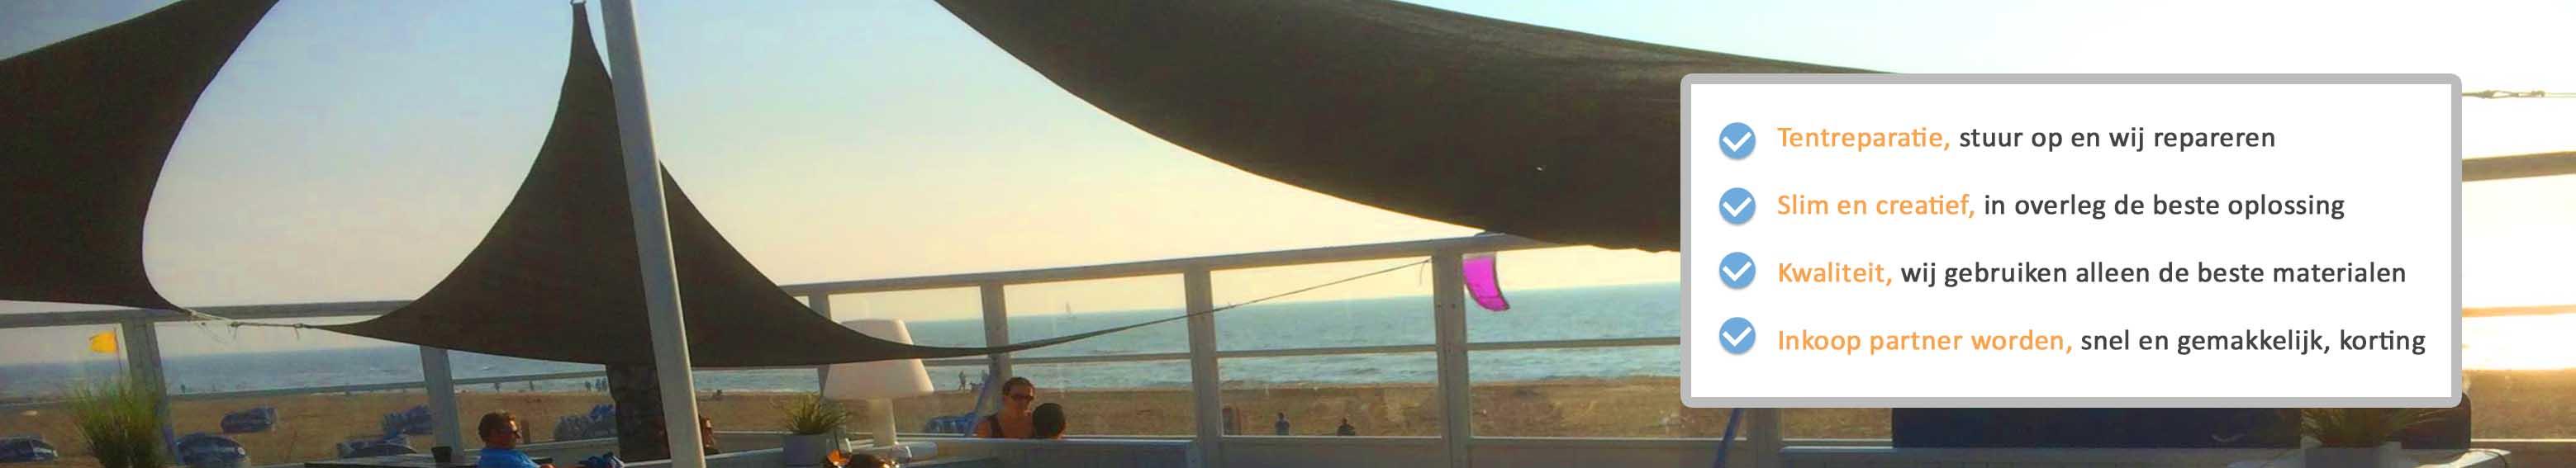 Strandtenten- paviljoens